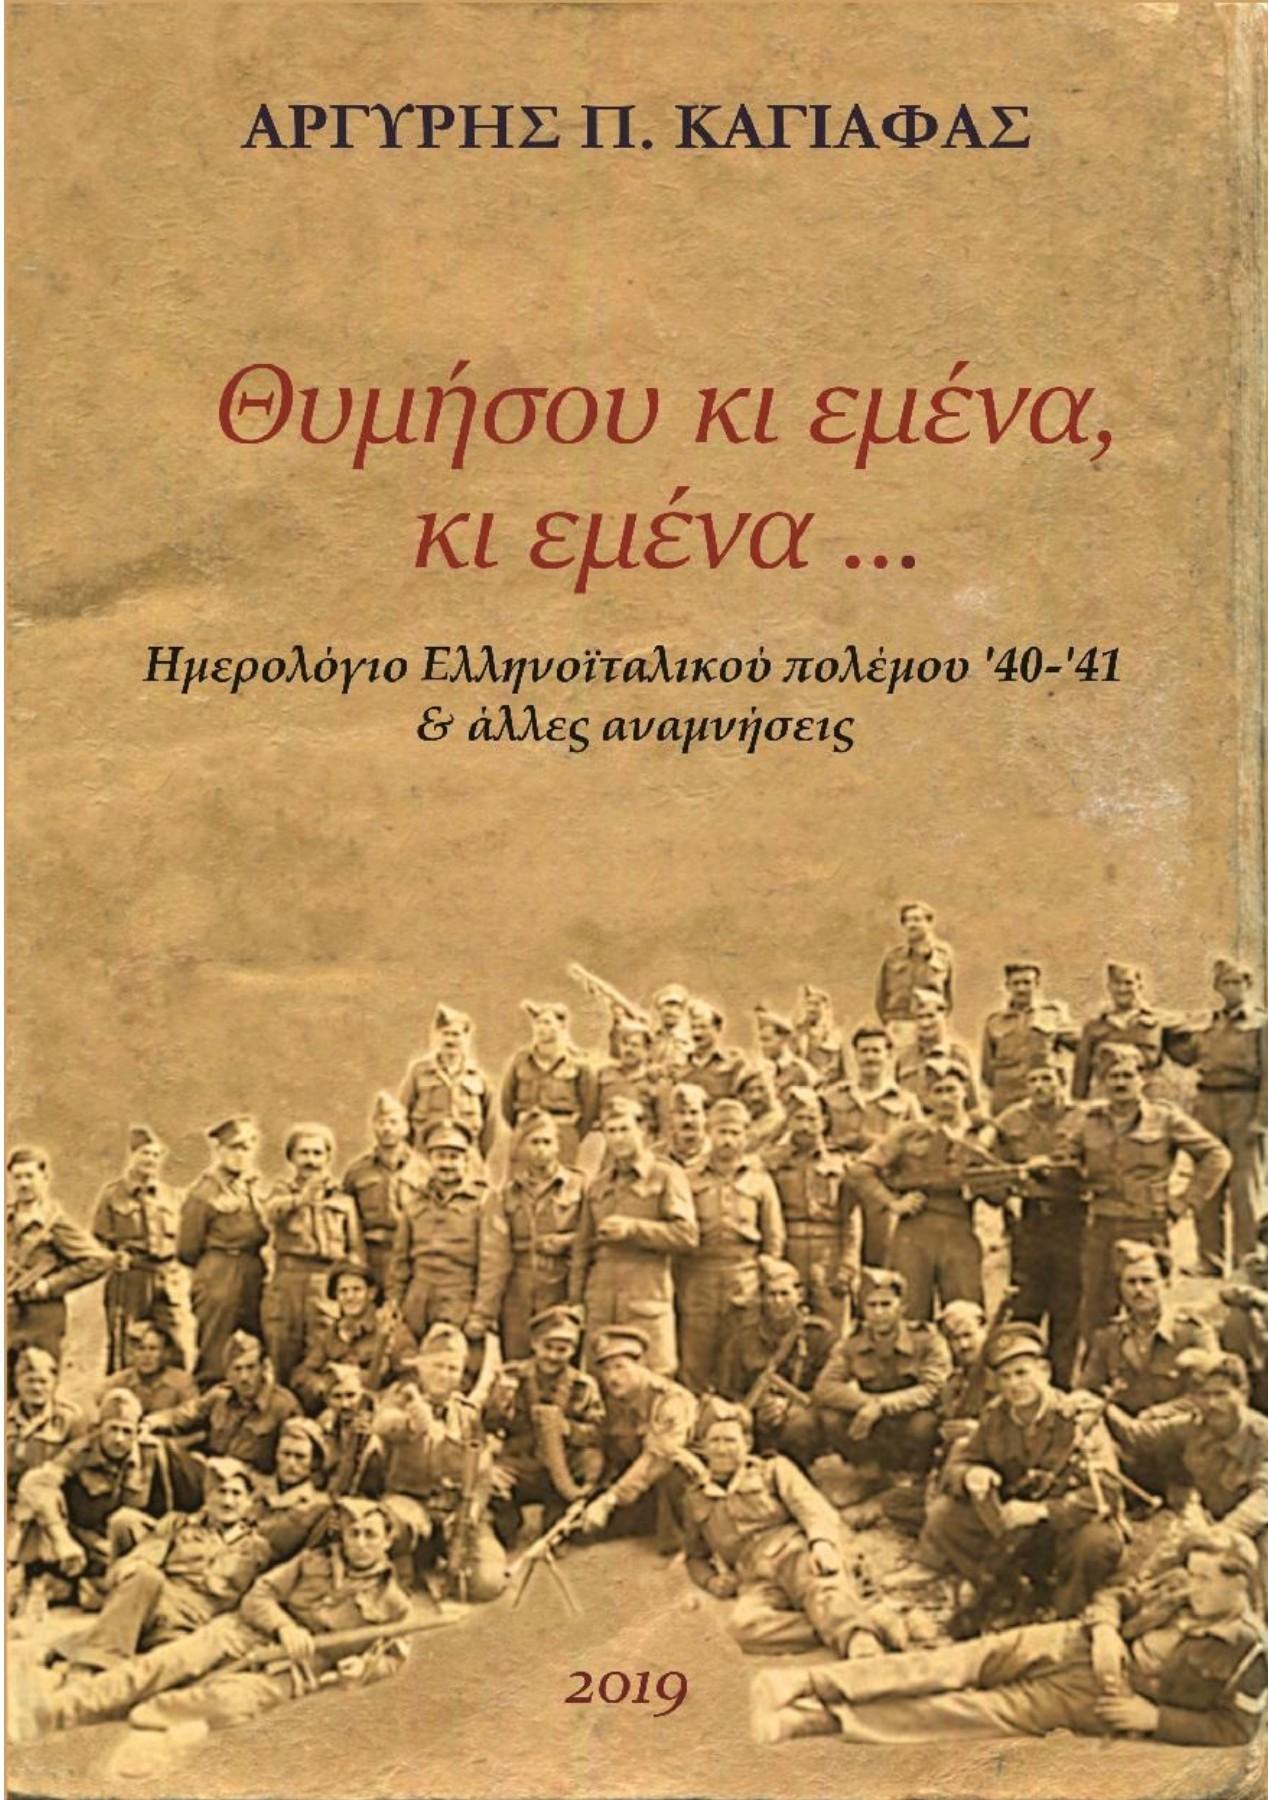 """""""Θυμήσου κι εμένα, κι εμένα…"""", του Αργύρη Καγιάφα, βιβλιοκριτική"""